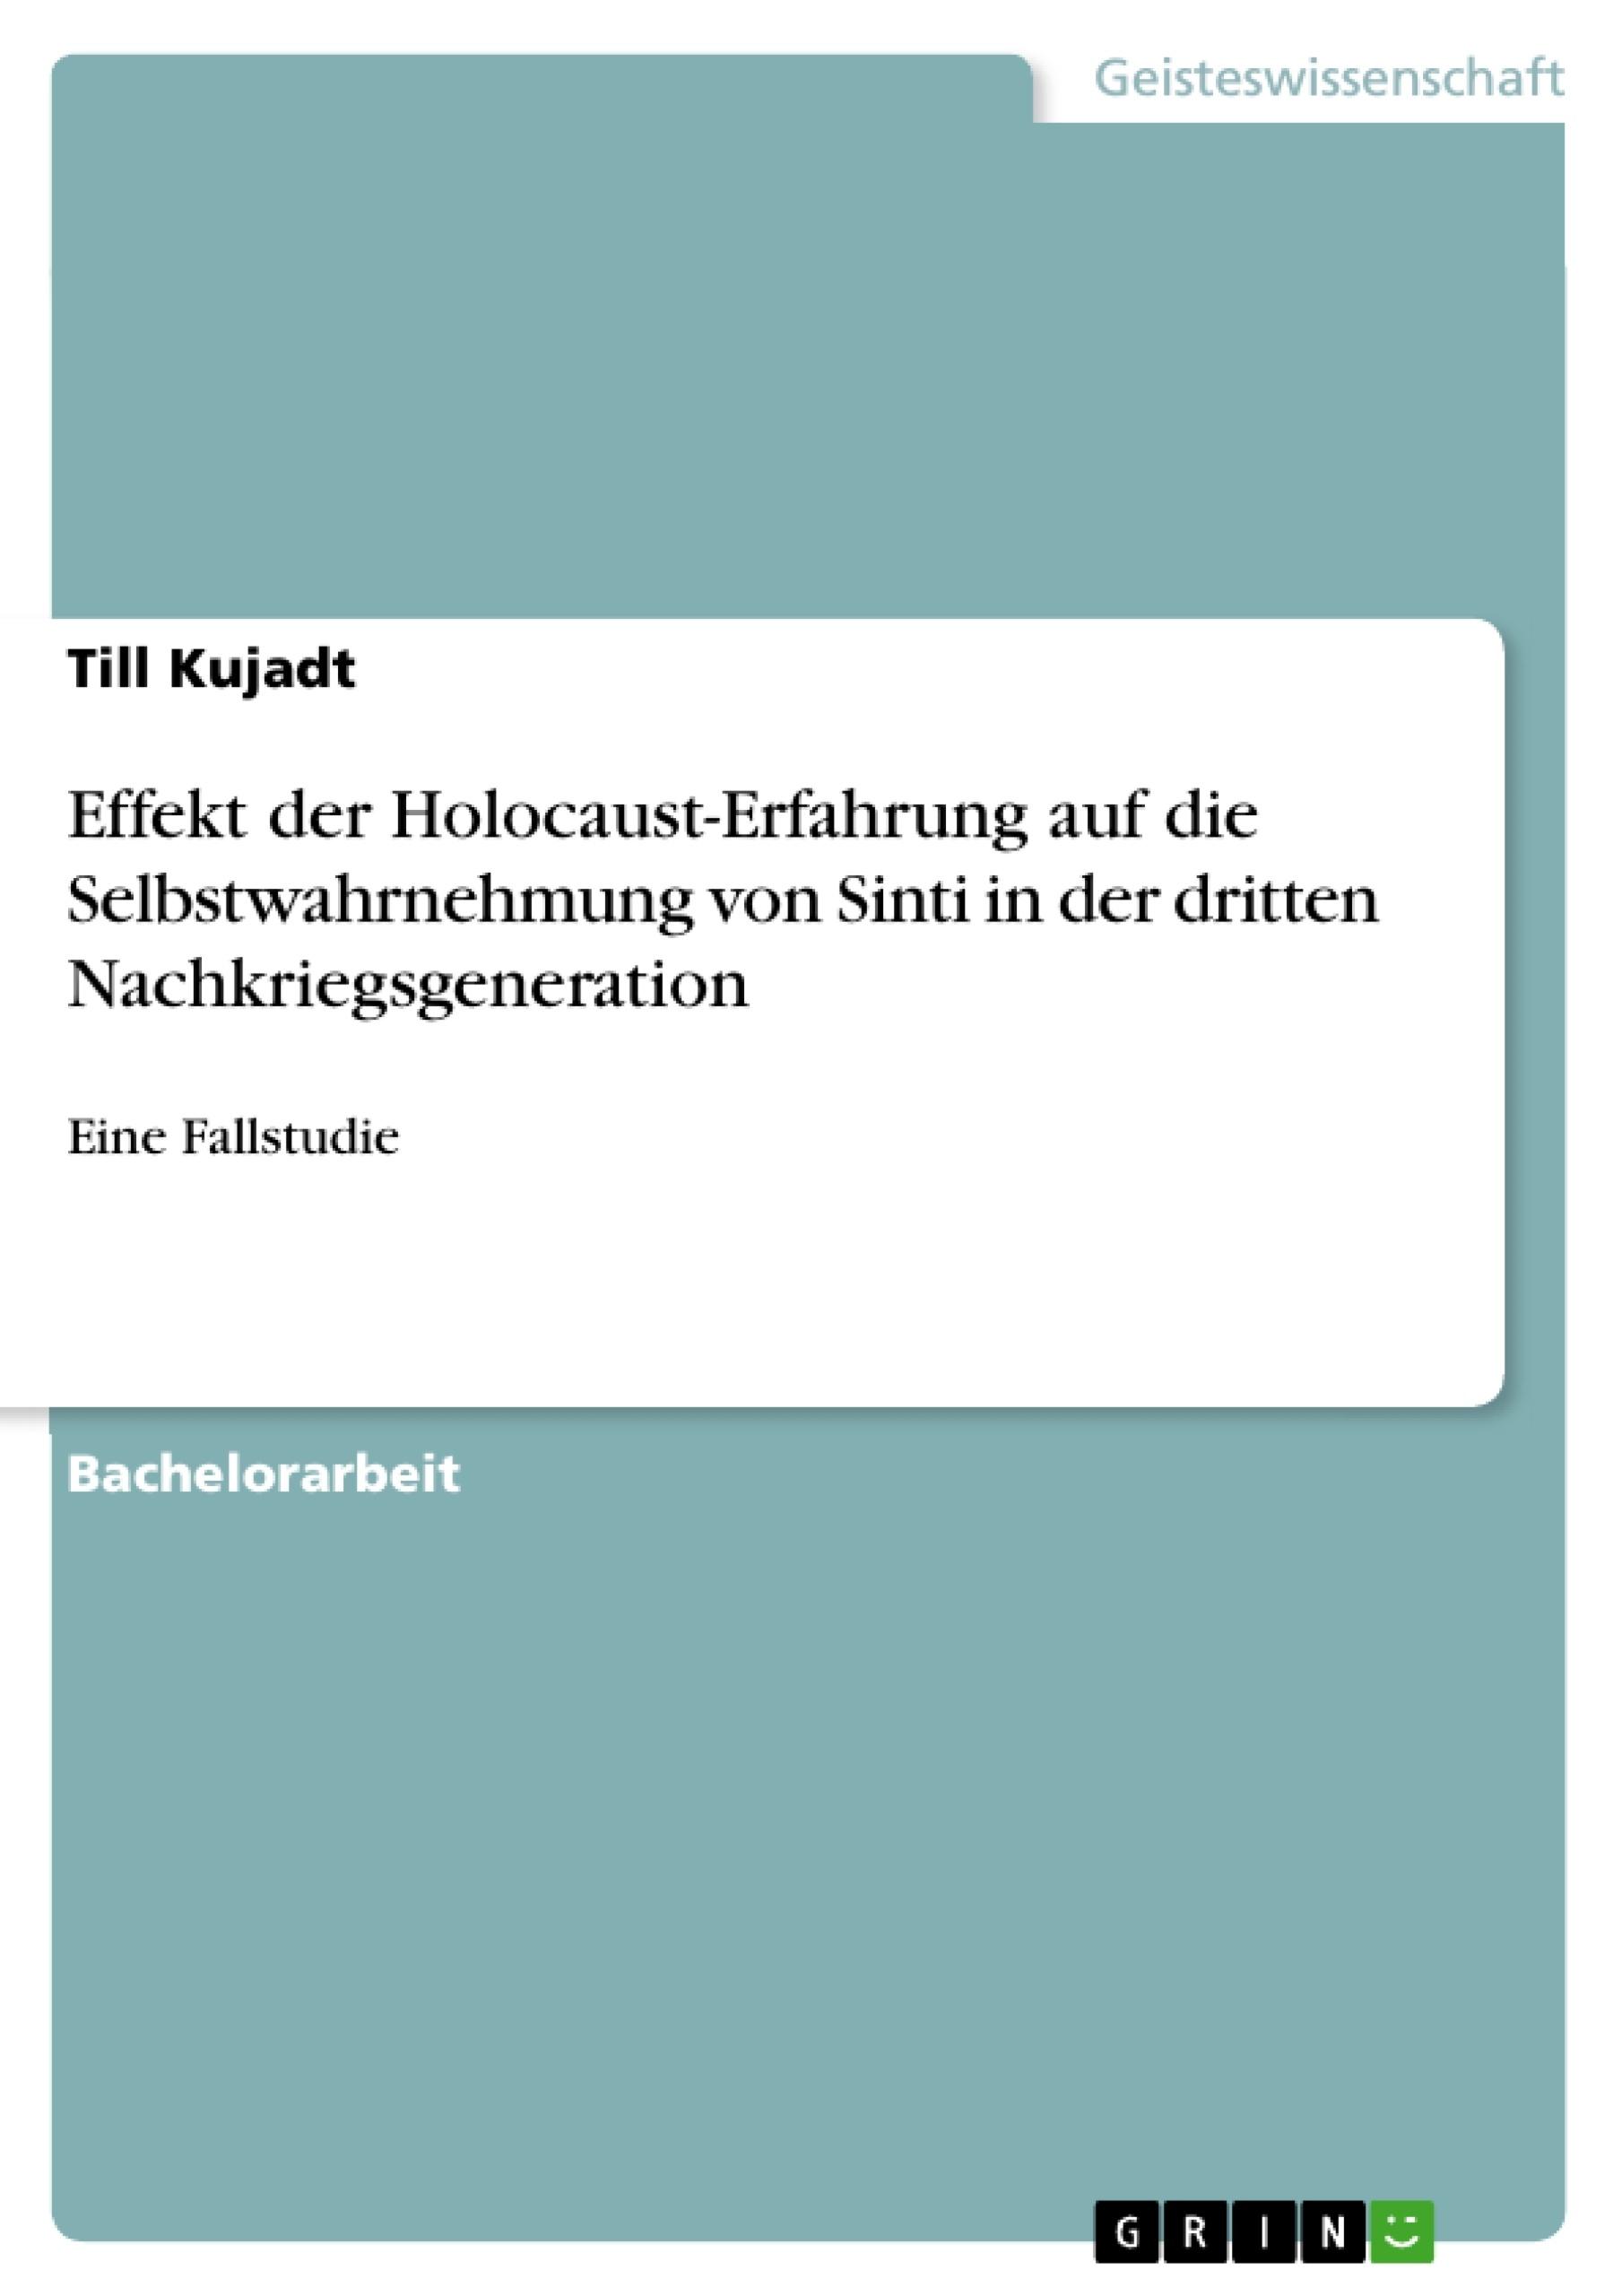 Titel: Effekt der Holocaust-Erfahrung auf die Selbstwahrnehmung von Sinti in der dritten Nachkriegsgeneration